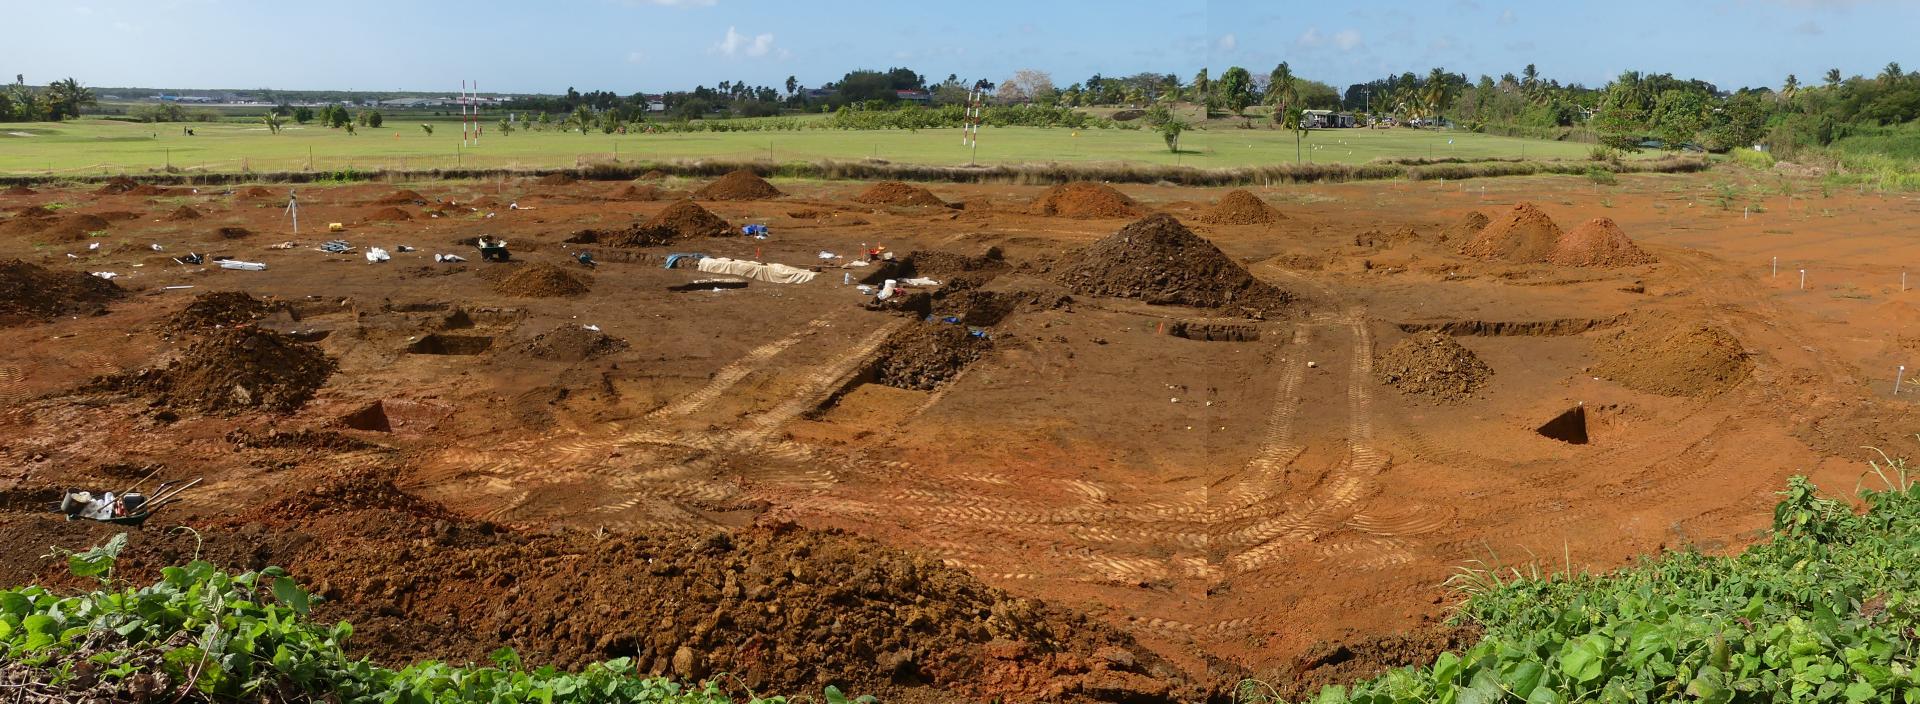 Более ста доколумбовых захоронений обнаружено в Гваделупе